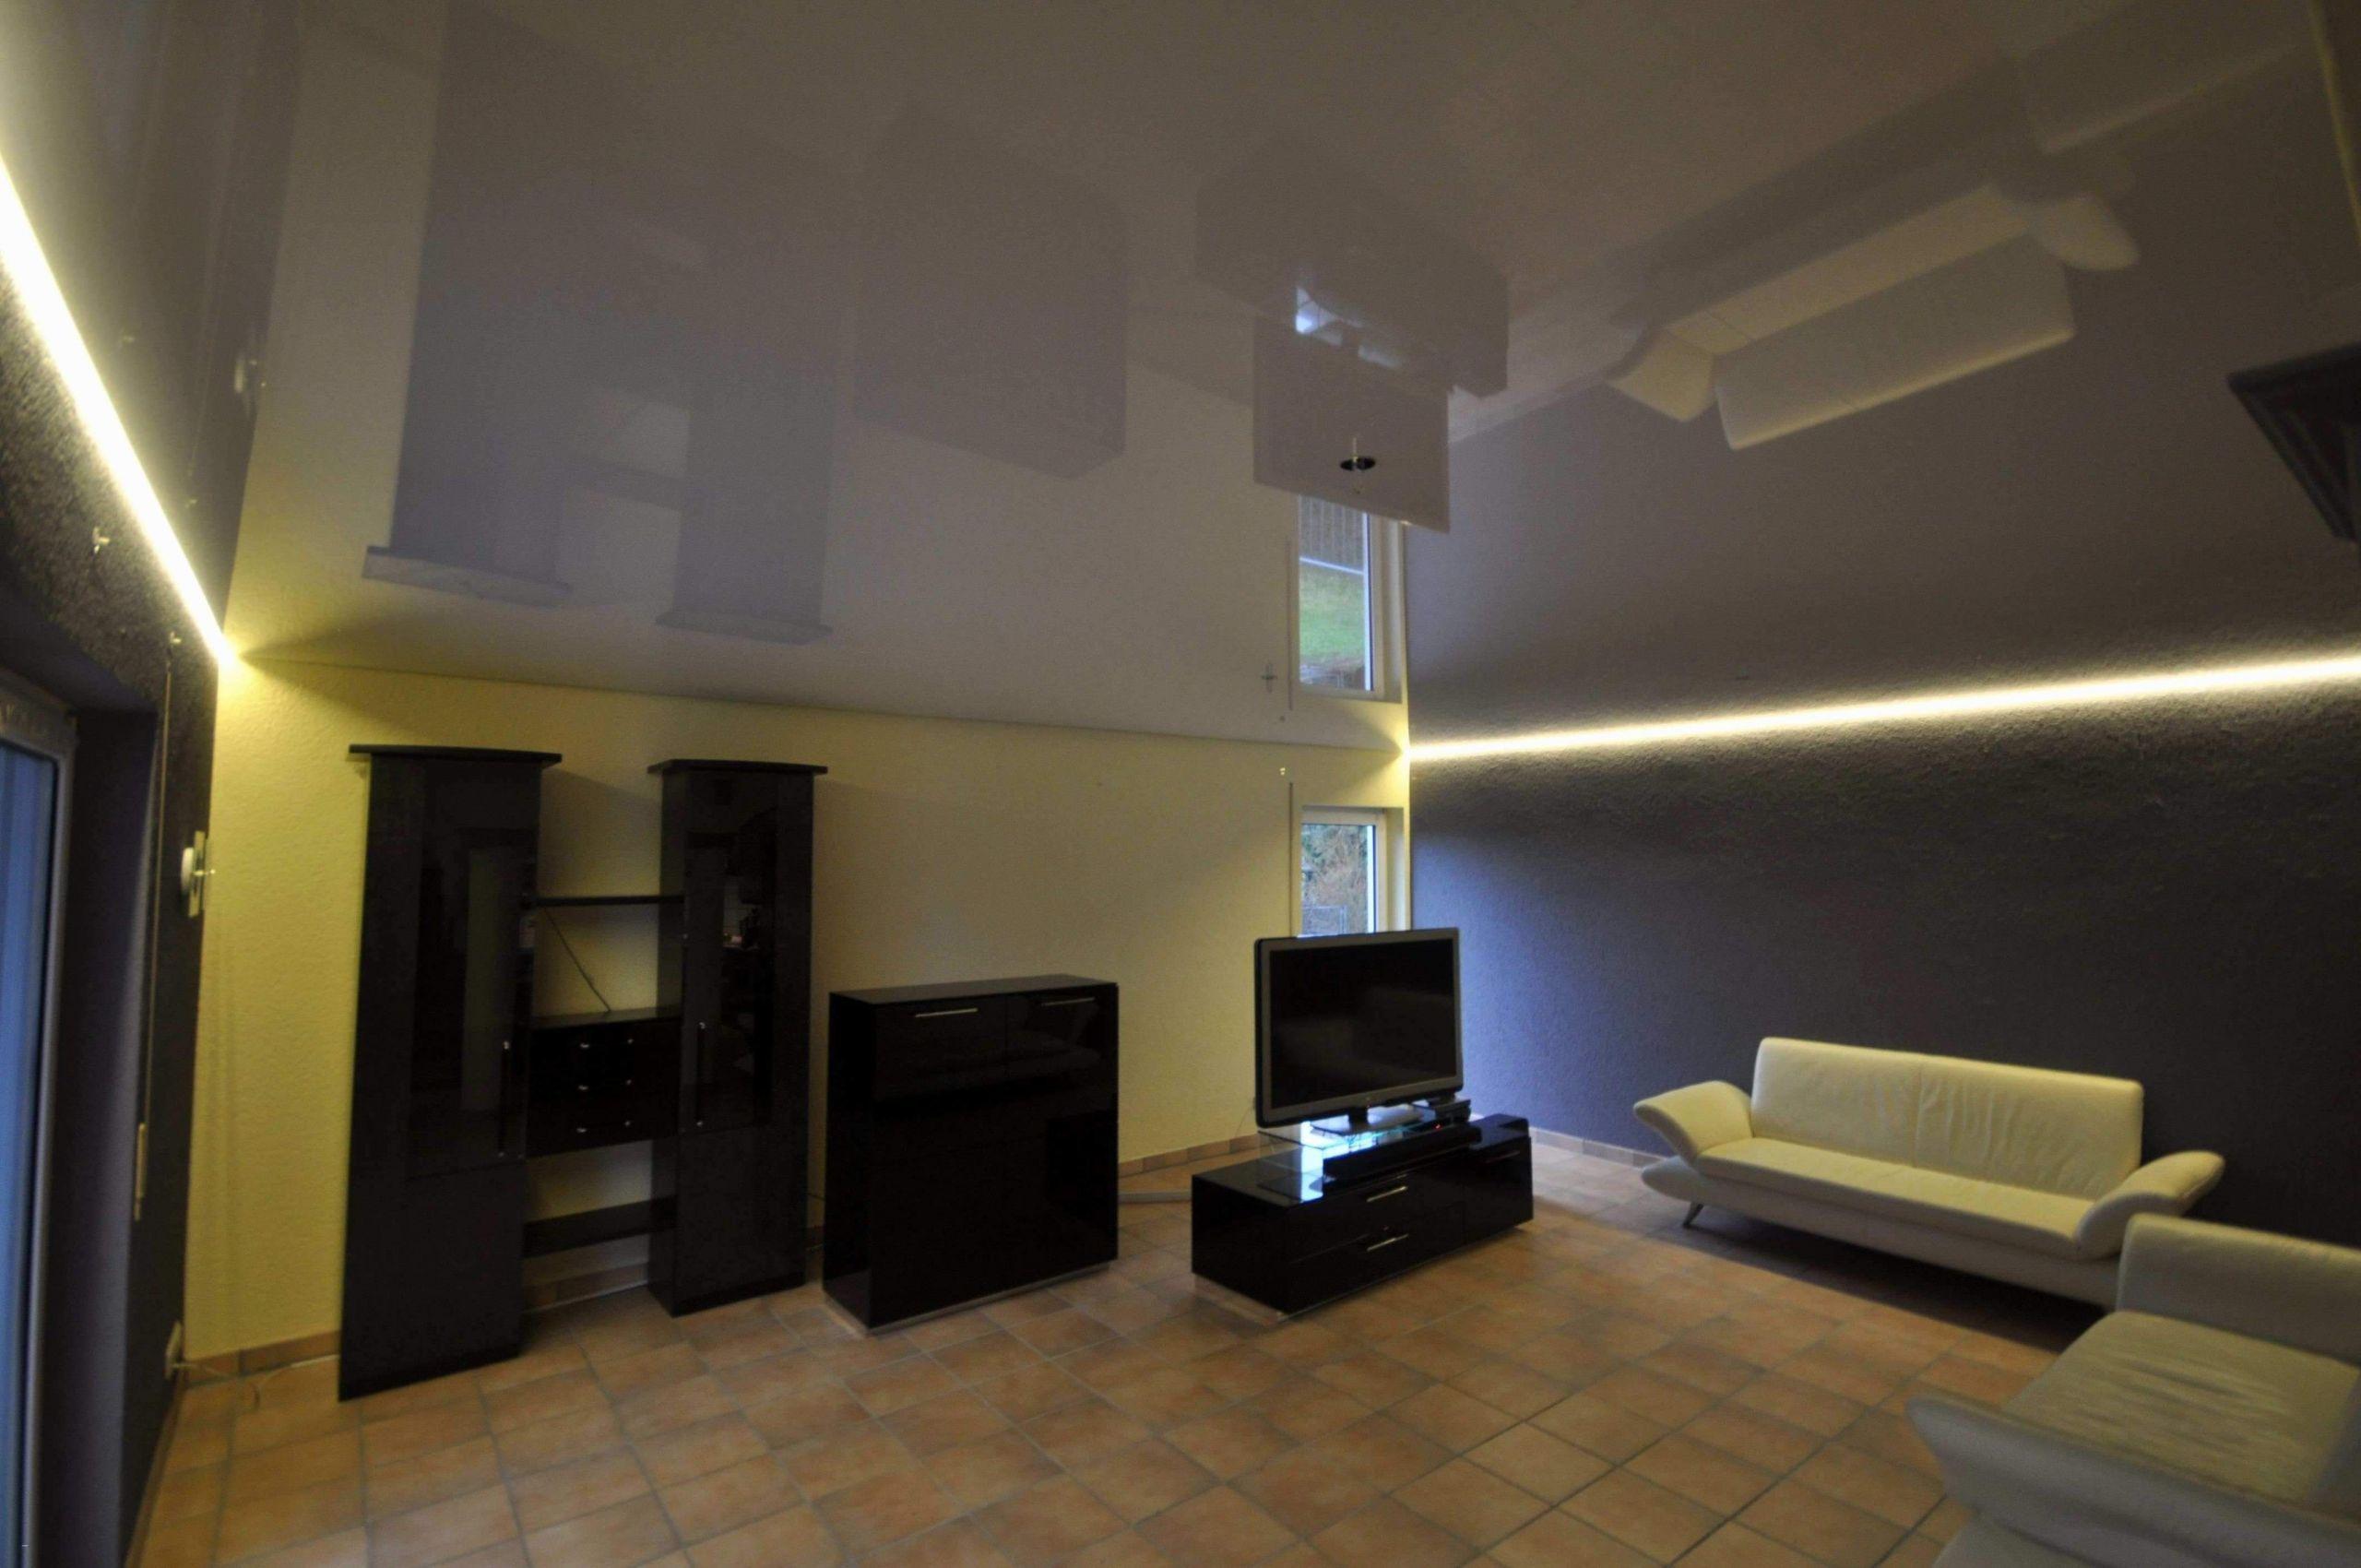 Full Size of Wohnzimmer Led Beleuchtung Leiste Selber Bauen Decke Lampe Amazon Spots Abstand Modern Panel Leuchte Planen Wieviel Watt Farbwechsel Ledersofa Braun Schrank Wohnzimmer Wohnzimmer Led